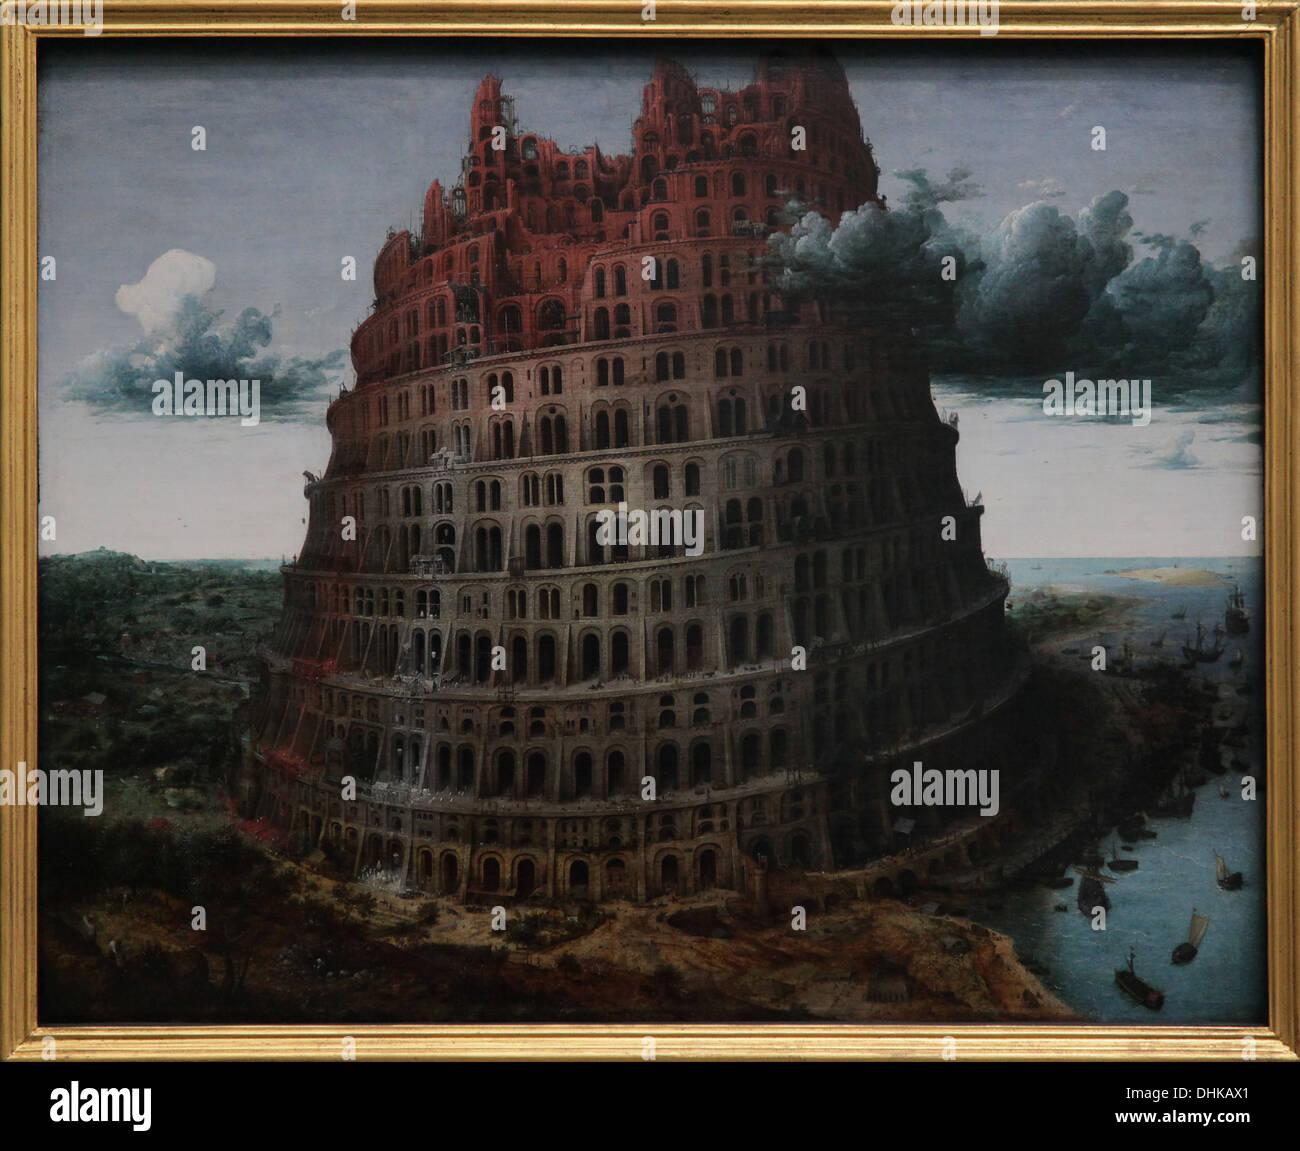 Pieter Brueghel il Vecchio.(Bruegel) La Torre di Babele. Circa 1565. Olio su pannello. Immagini Stock